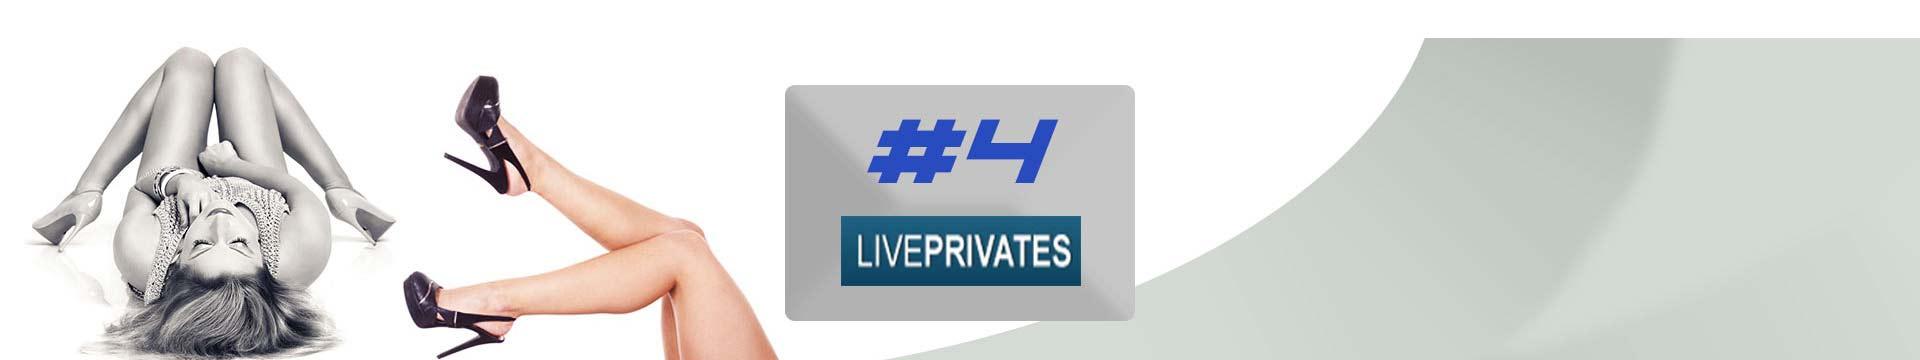 Live Privates Header